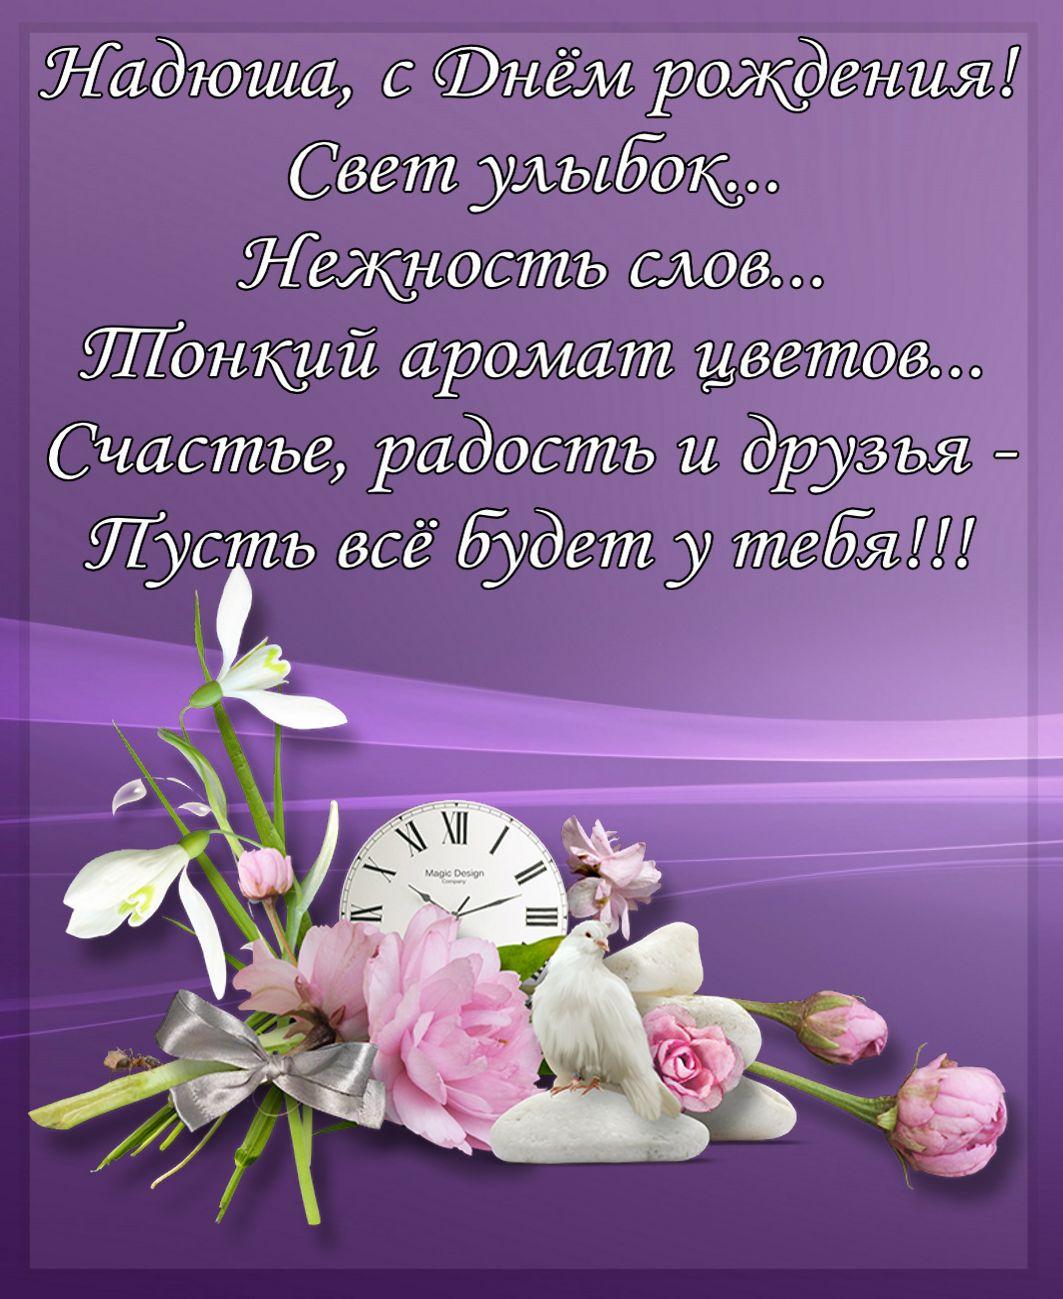 Пожелание Надюше на фиолетовом фоне с цветами